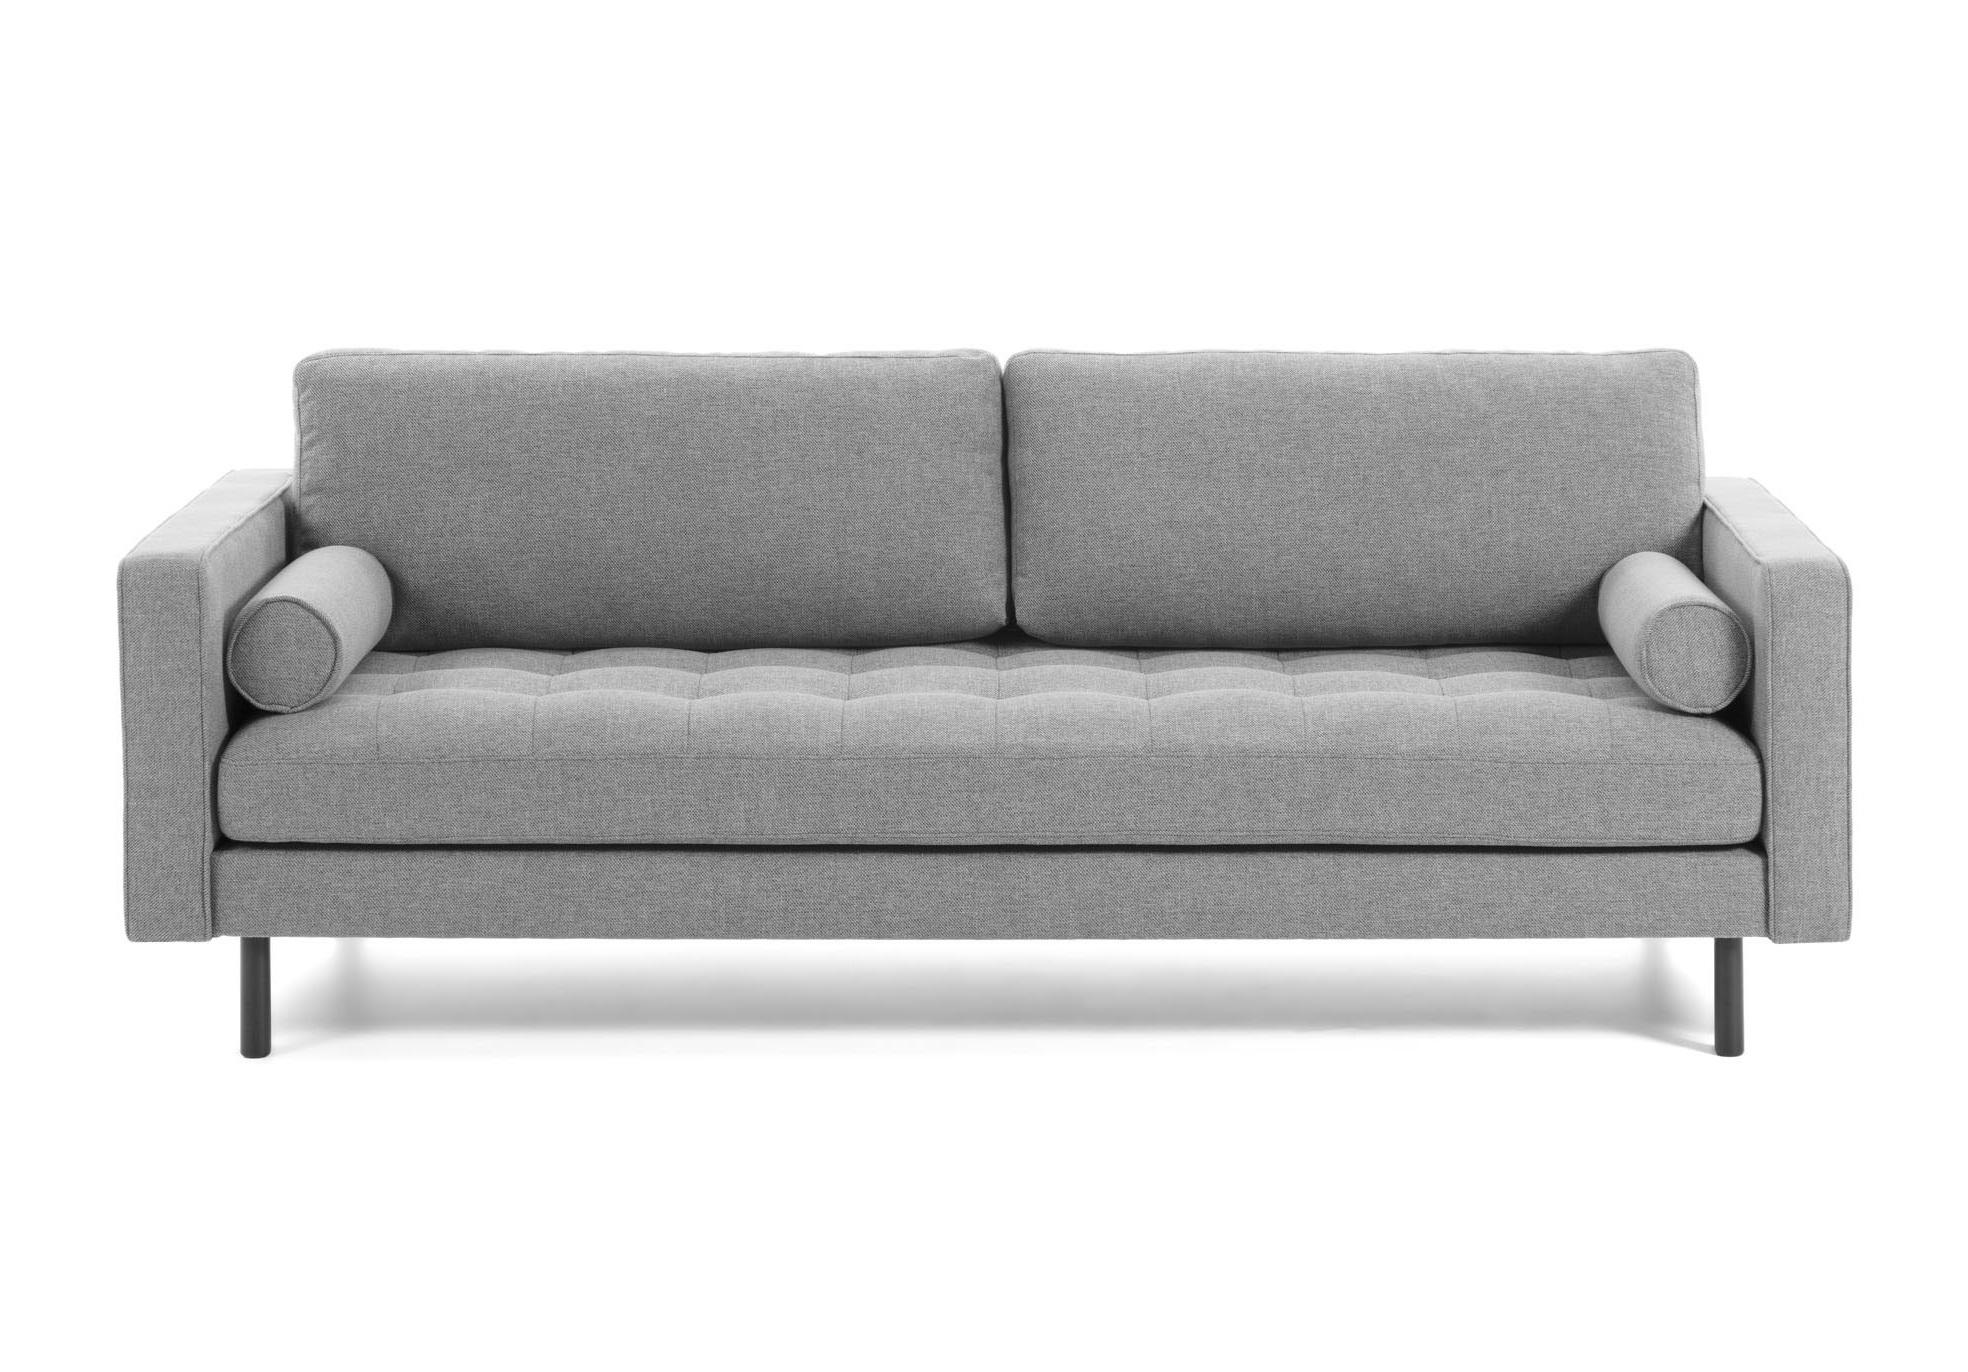 La forma диван трехместный bogart серый 119443/4